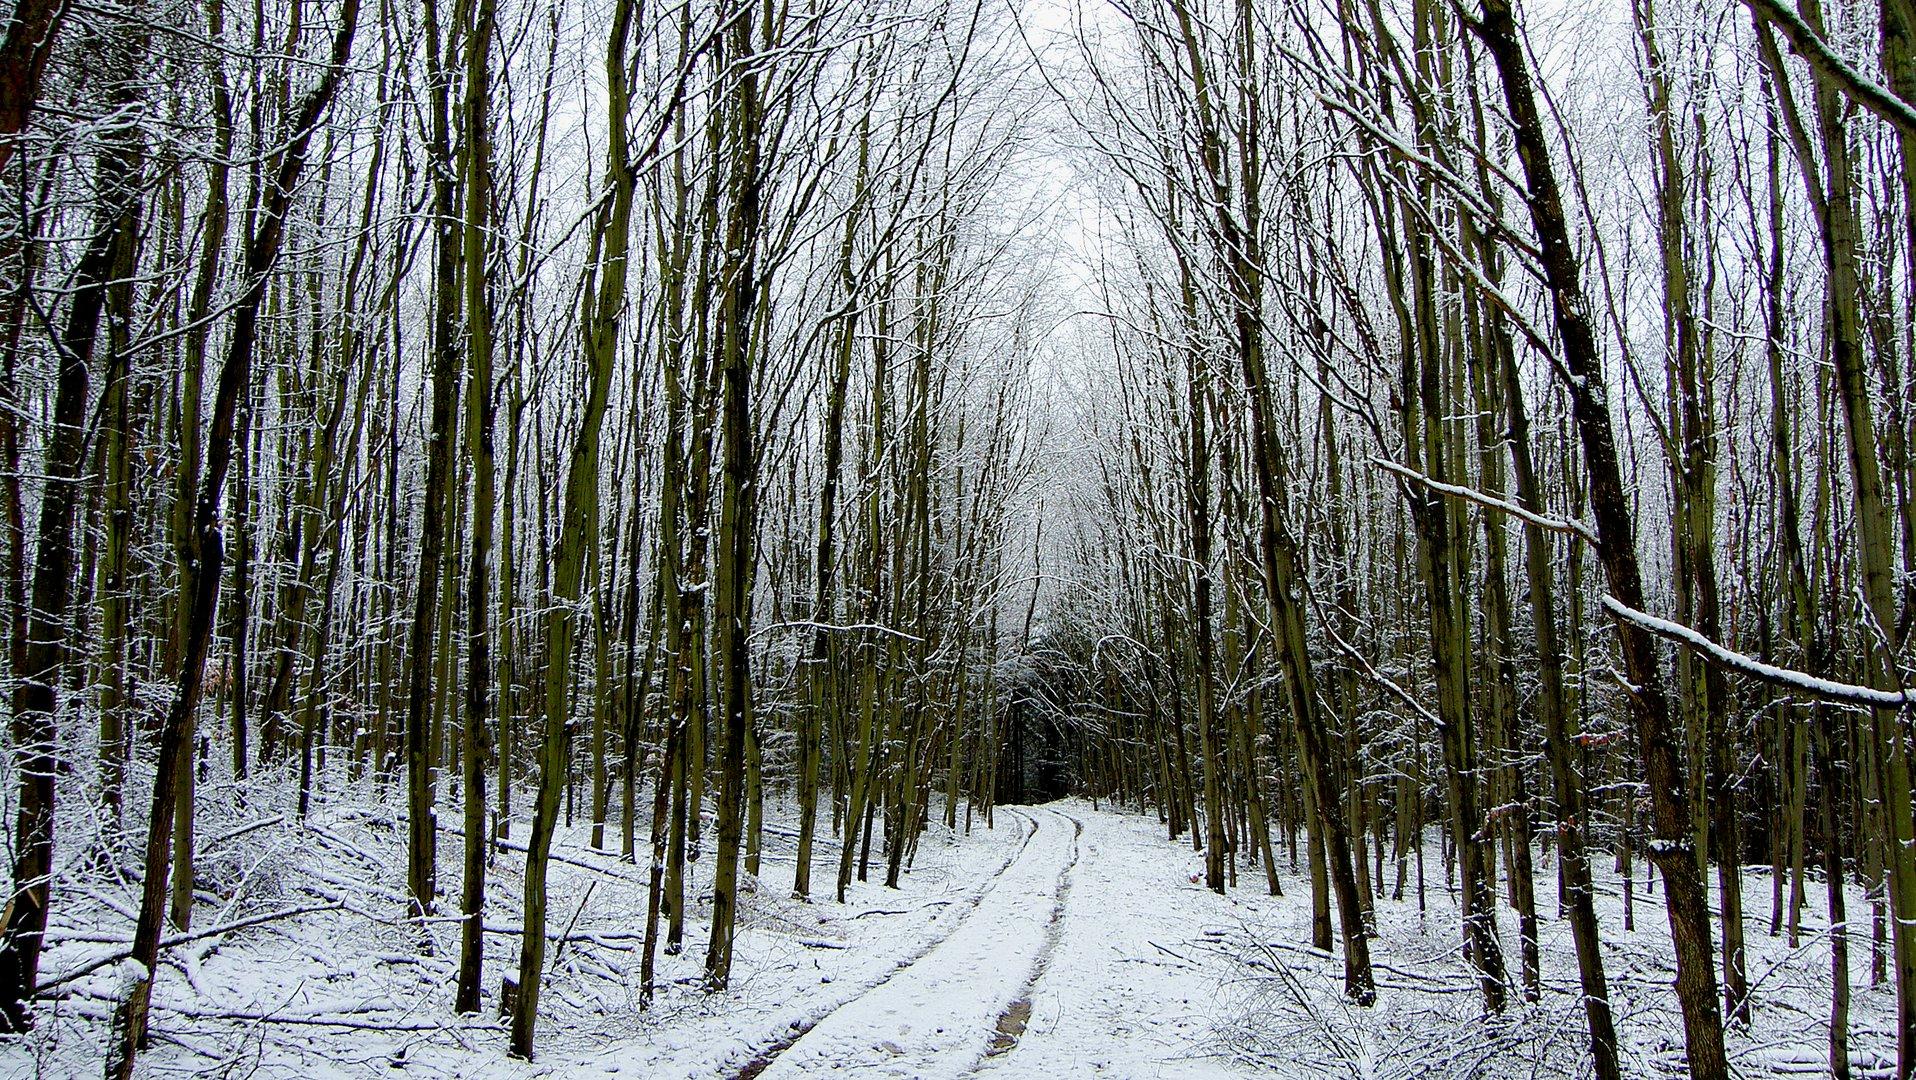 Ohne Sonne, ist alles grau grau..... nur der Schnee ist weiß!